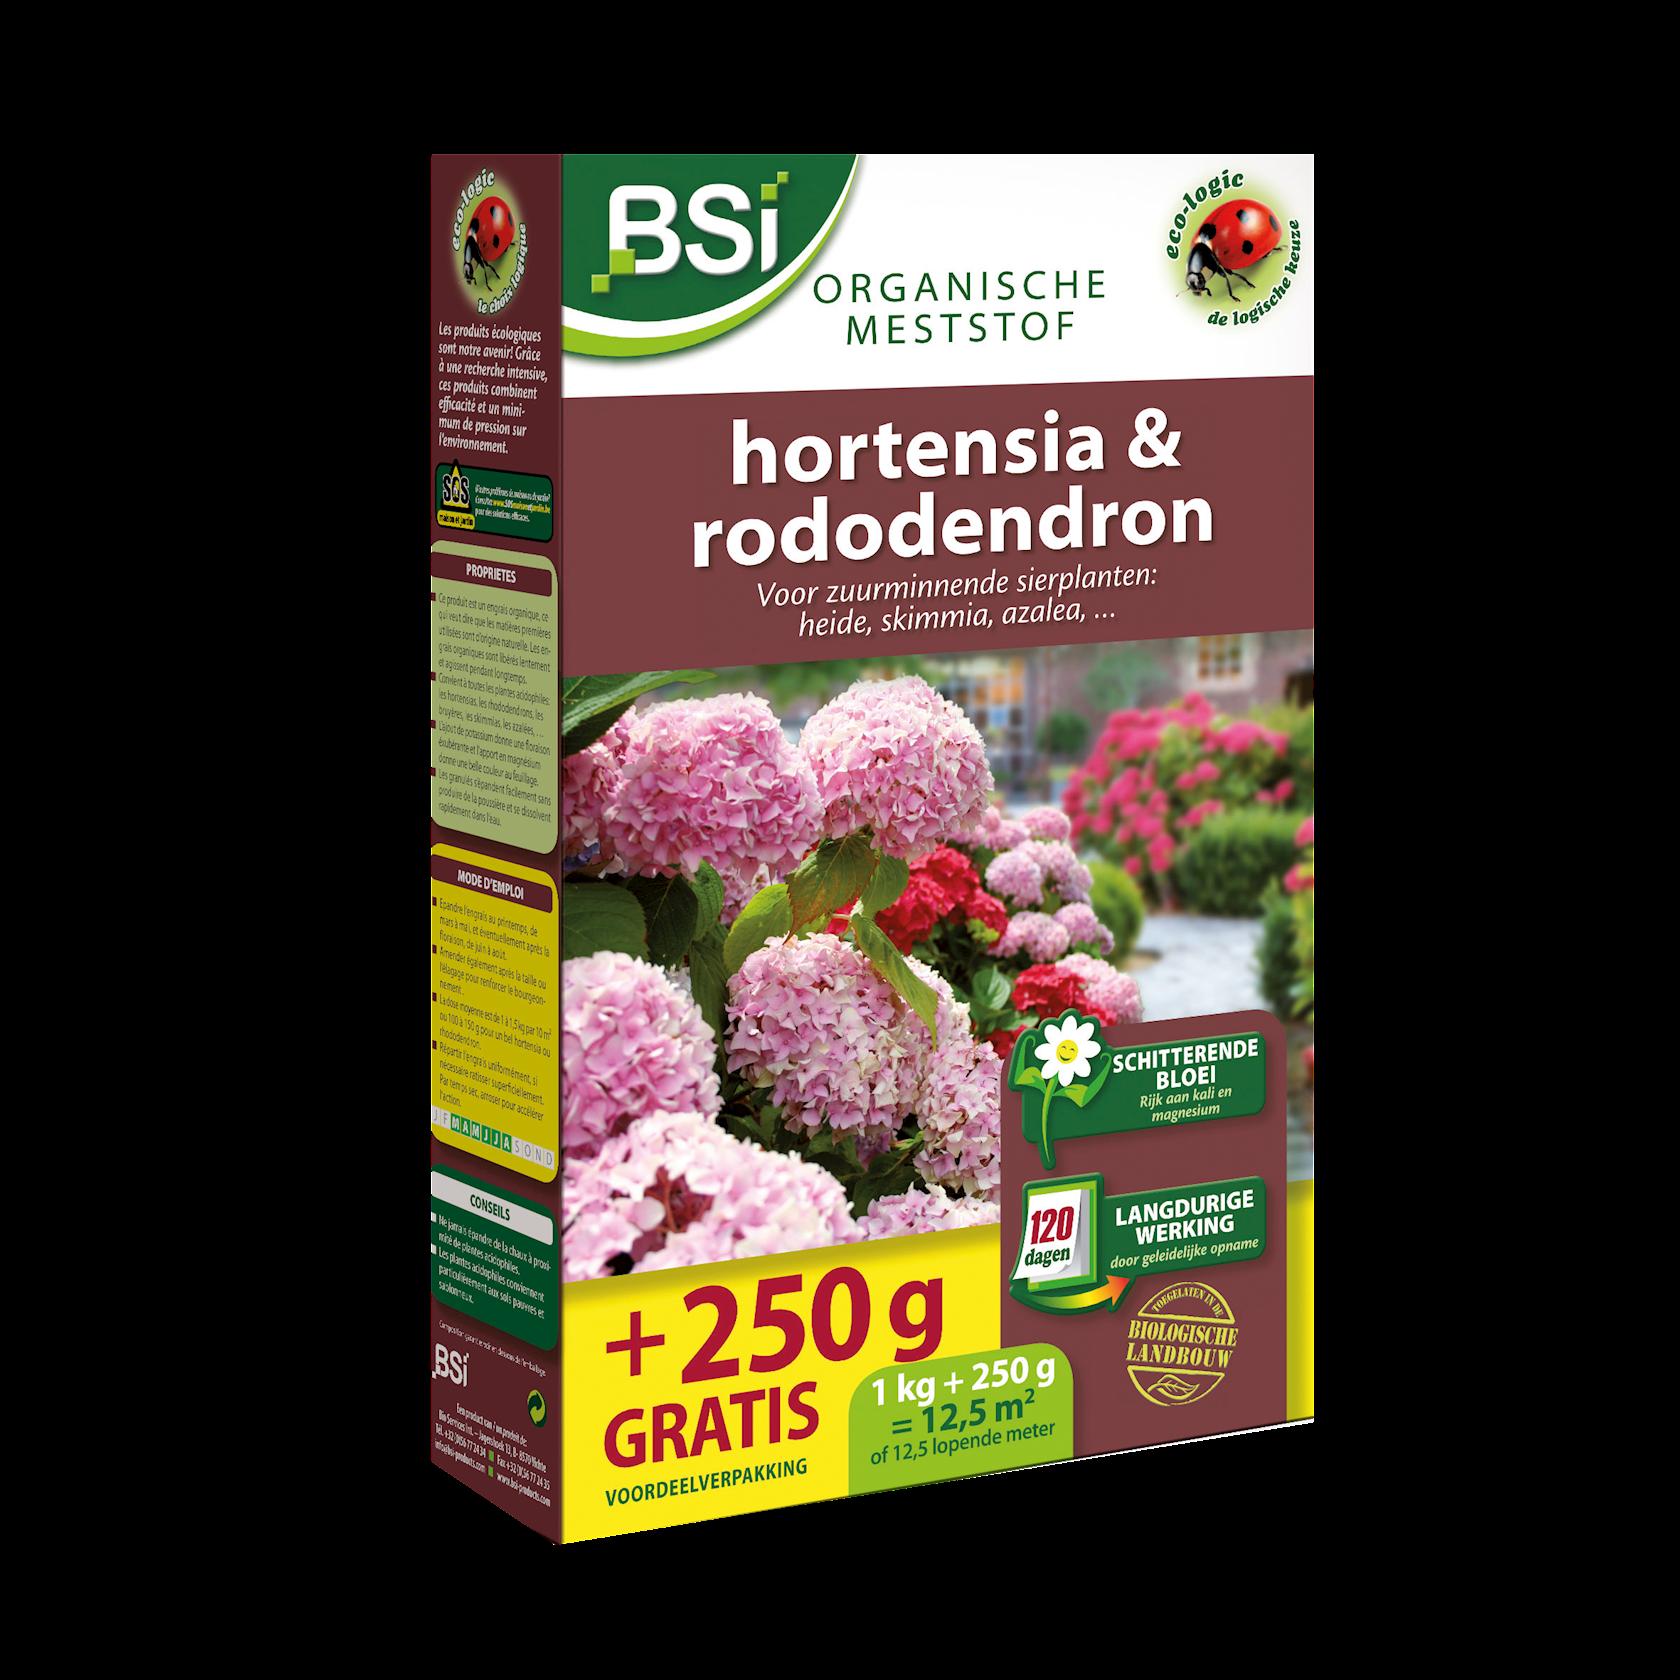 Hortensia-en-rododendron-bio-meststof-1-25kg-voor-12-5m-